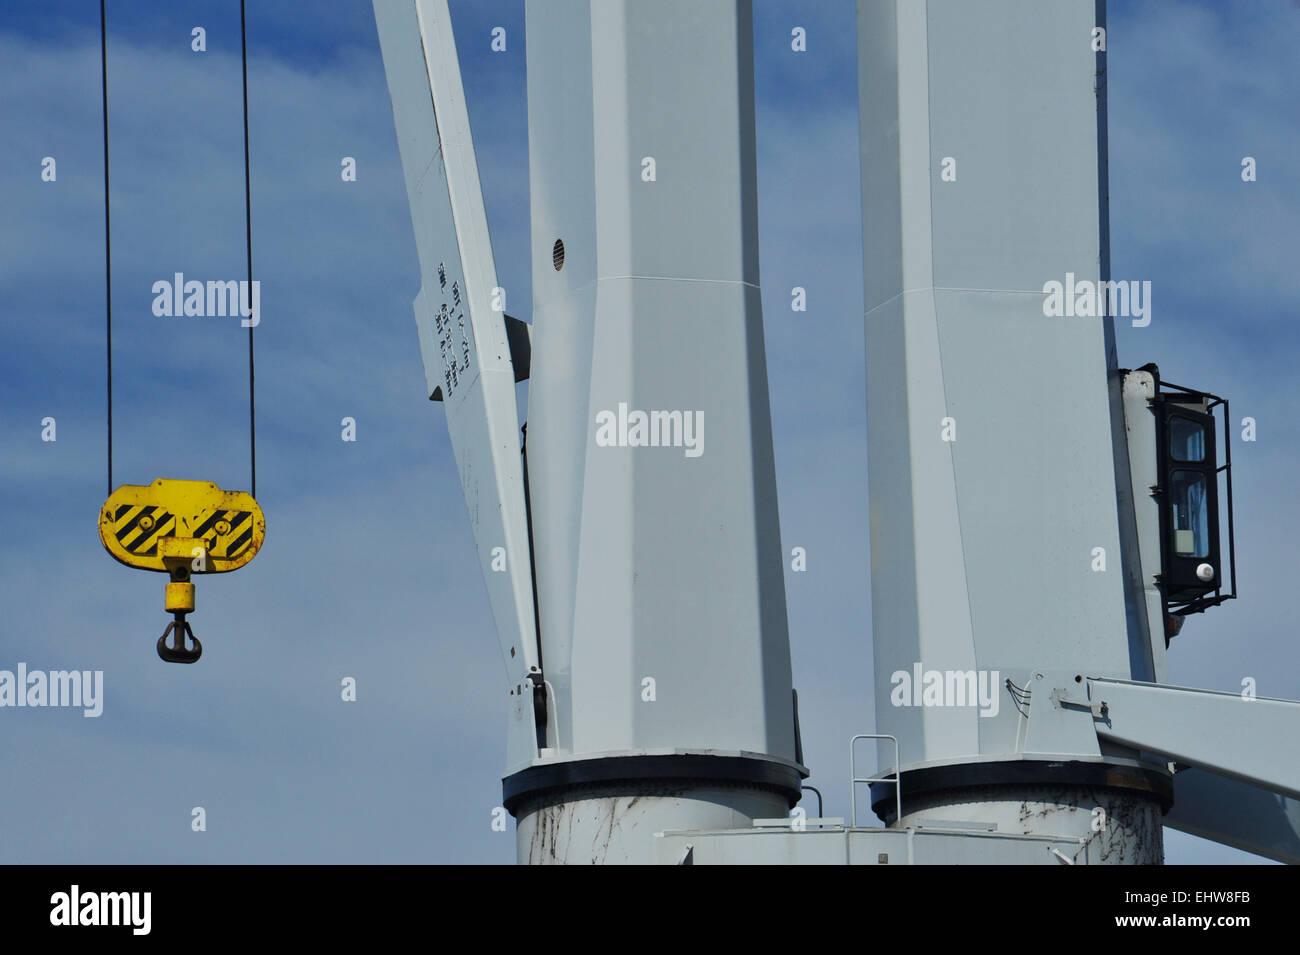 Szene des Schiffes Kran mit Kabine und gelb Riemenscheibe Operator ...